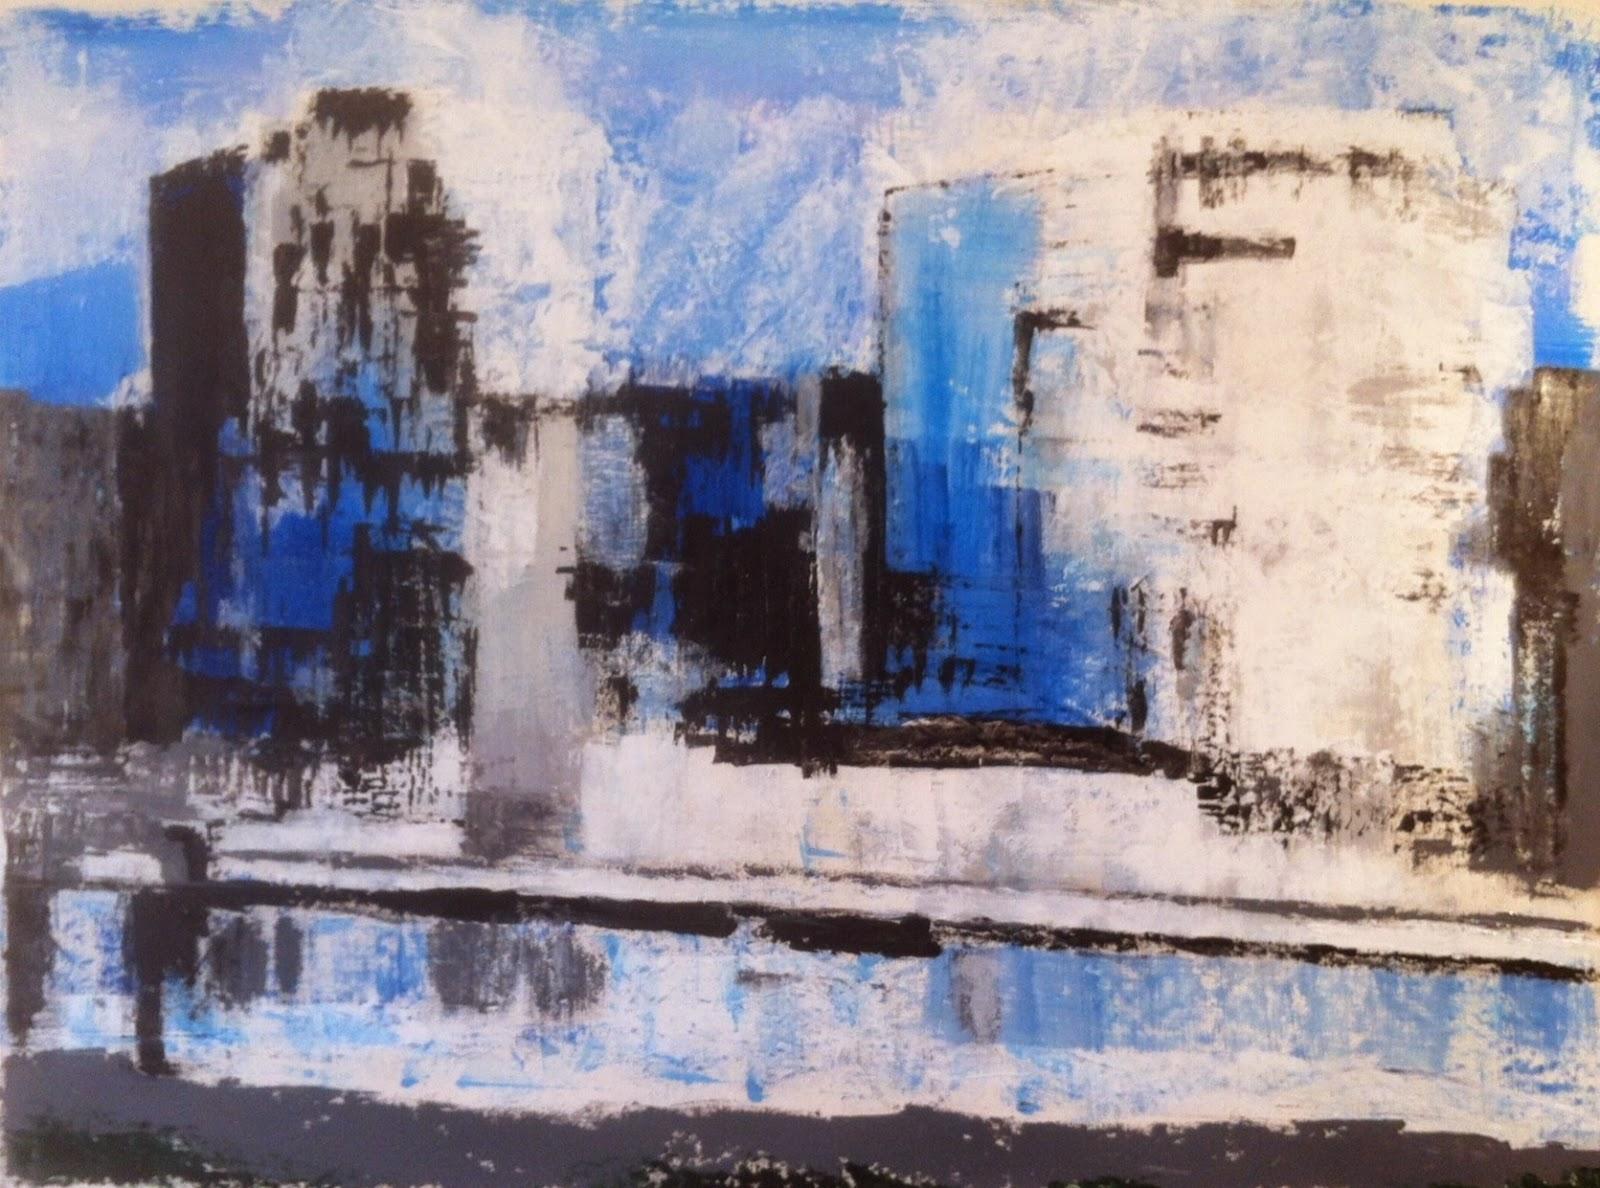 N°1645 - Ville bleue - Acrylique sur toile - 97 x 130 cm - 31 octobre 2014